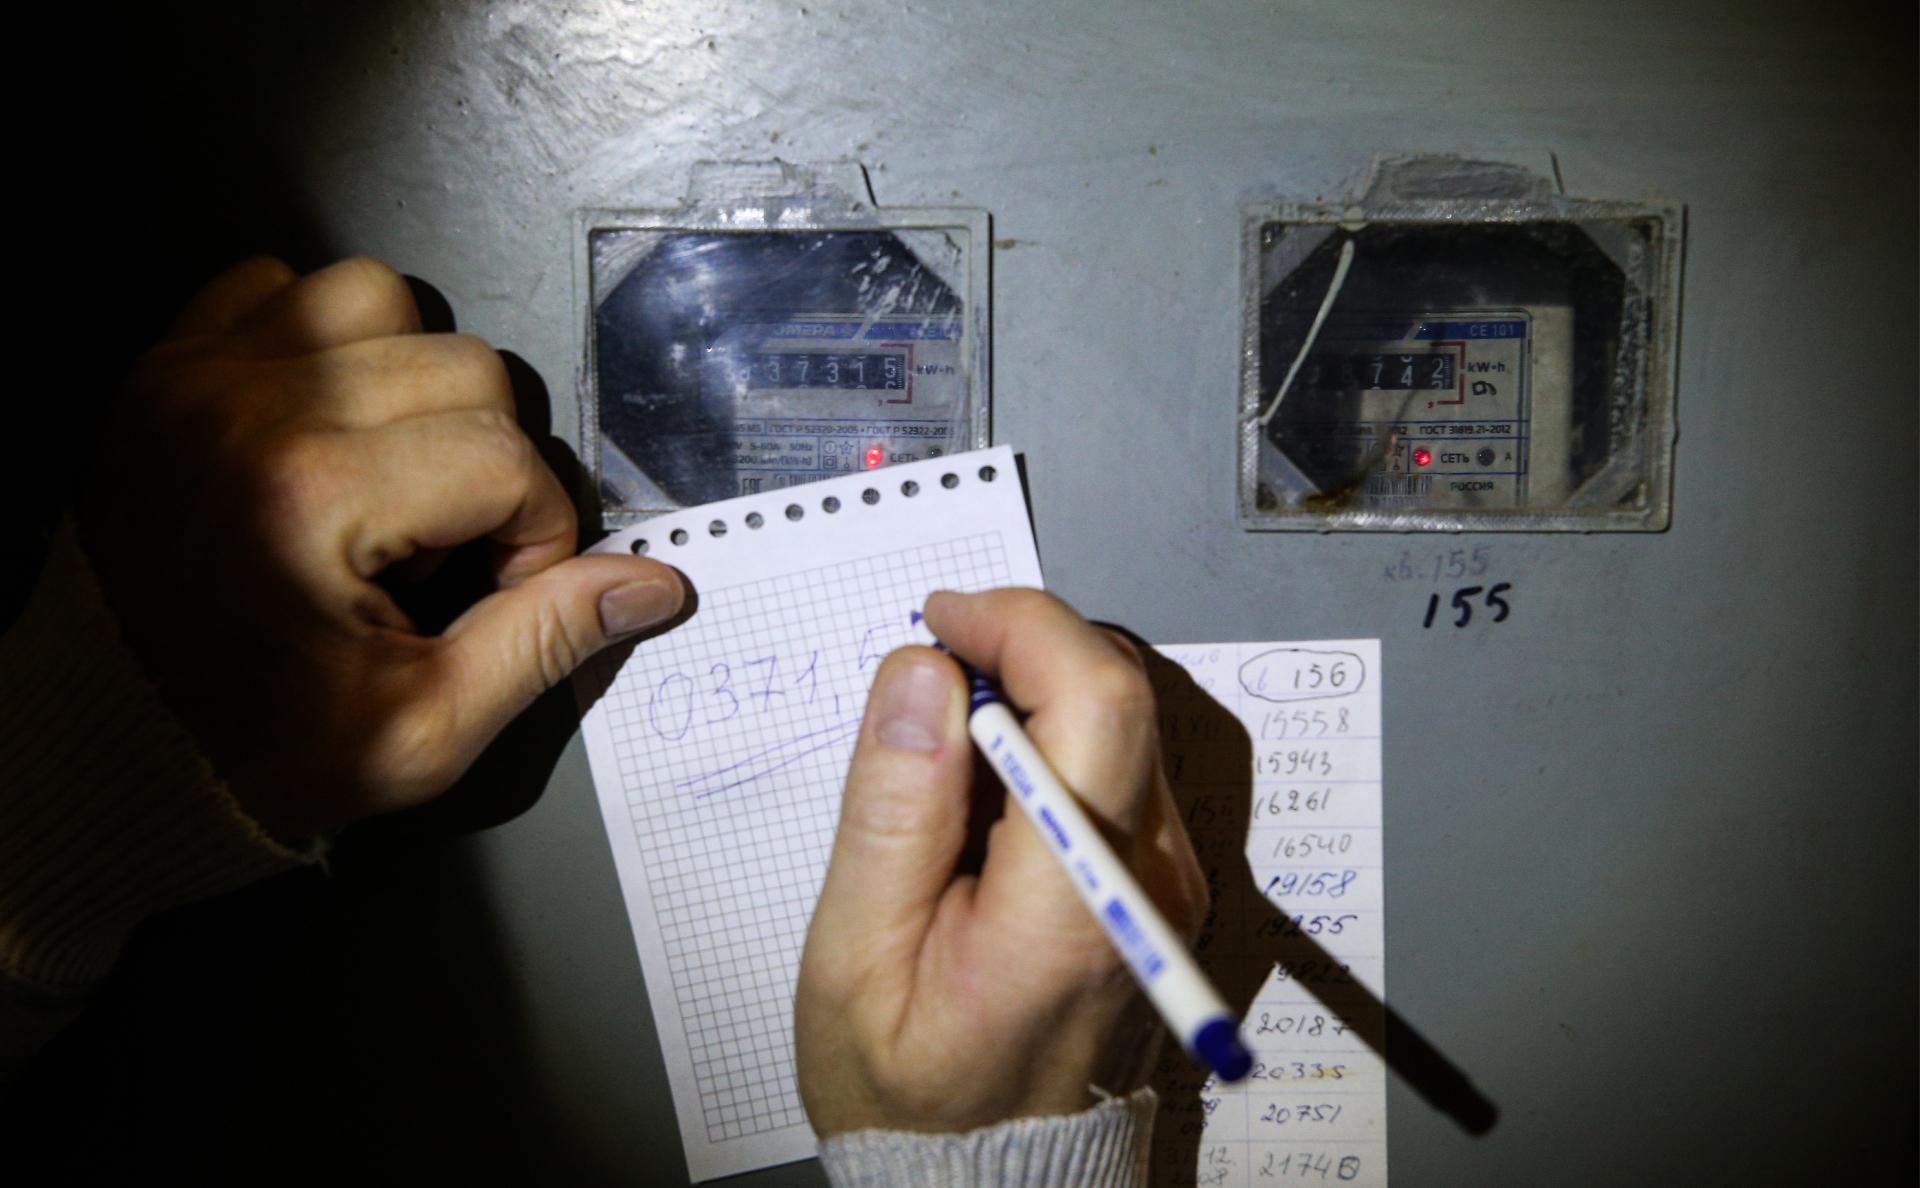 ВРоссии могут ввести скидки наоплату электроэнергии